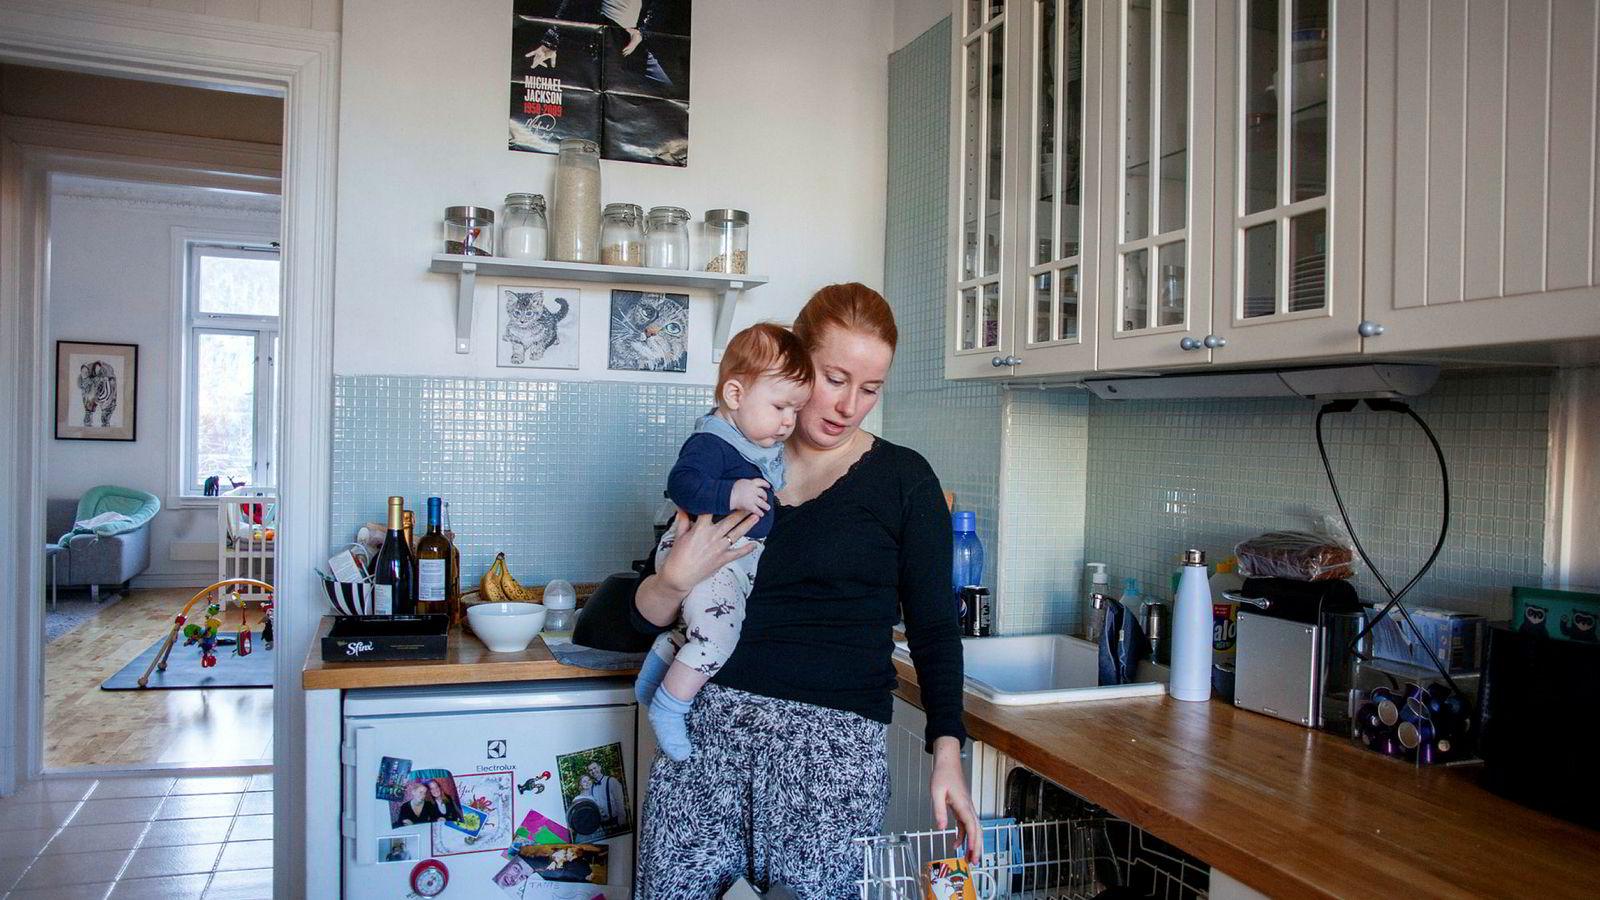 Aarsæther kunne ikke tenke seg noe annet enn å være hjemme med sønnen. Samtidig skjønner hun at flere reagerer på at hun og mannen har valgt det hun kaller en «gammeldags familiemodell».